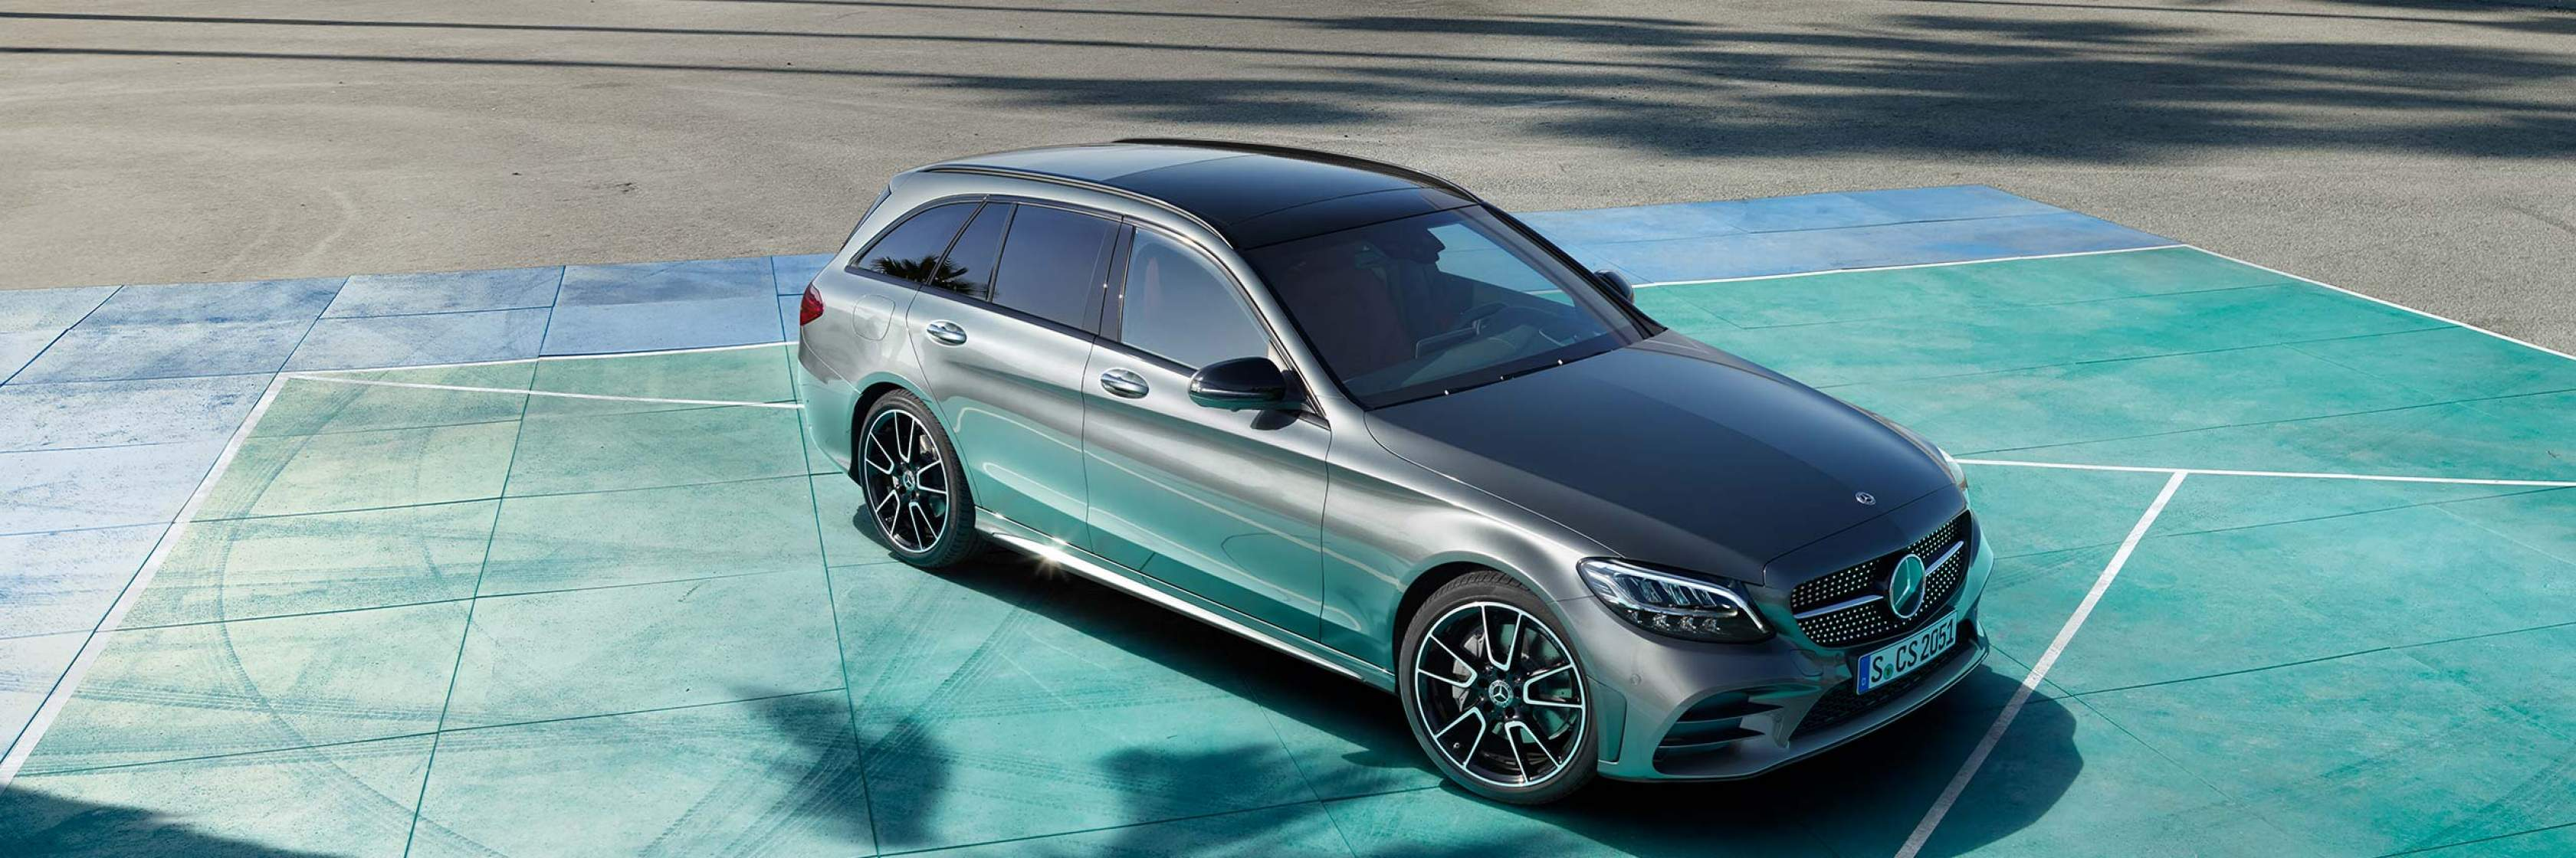 Интерьер и экстерьер Mercedes-Benz C-Class Универсал